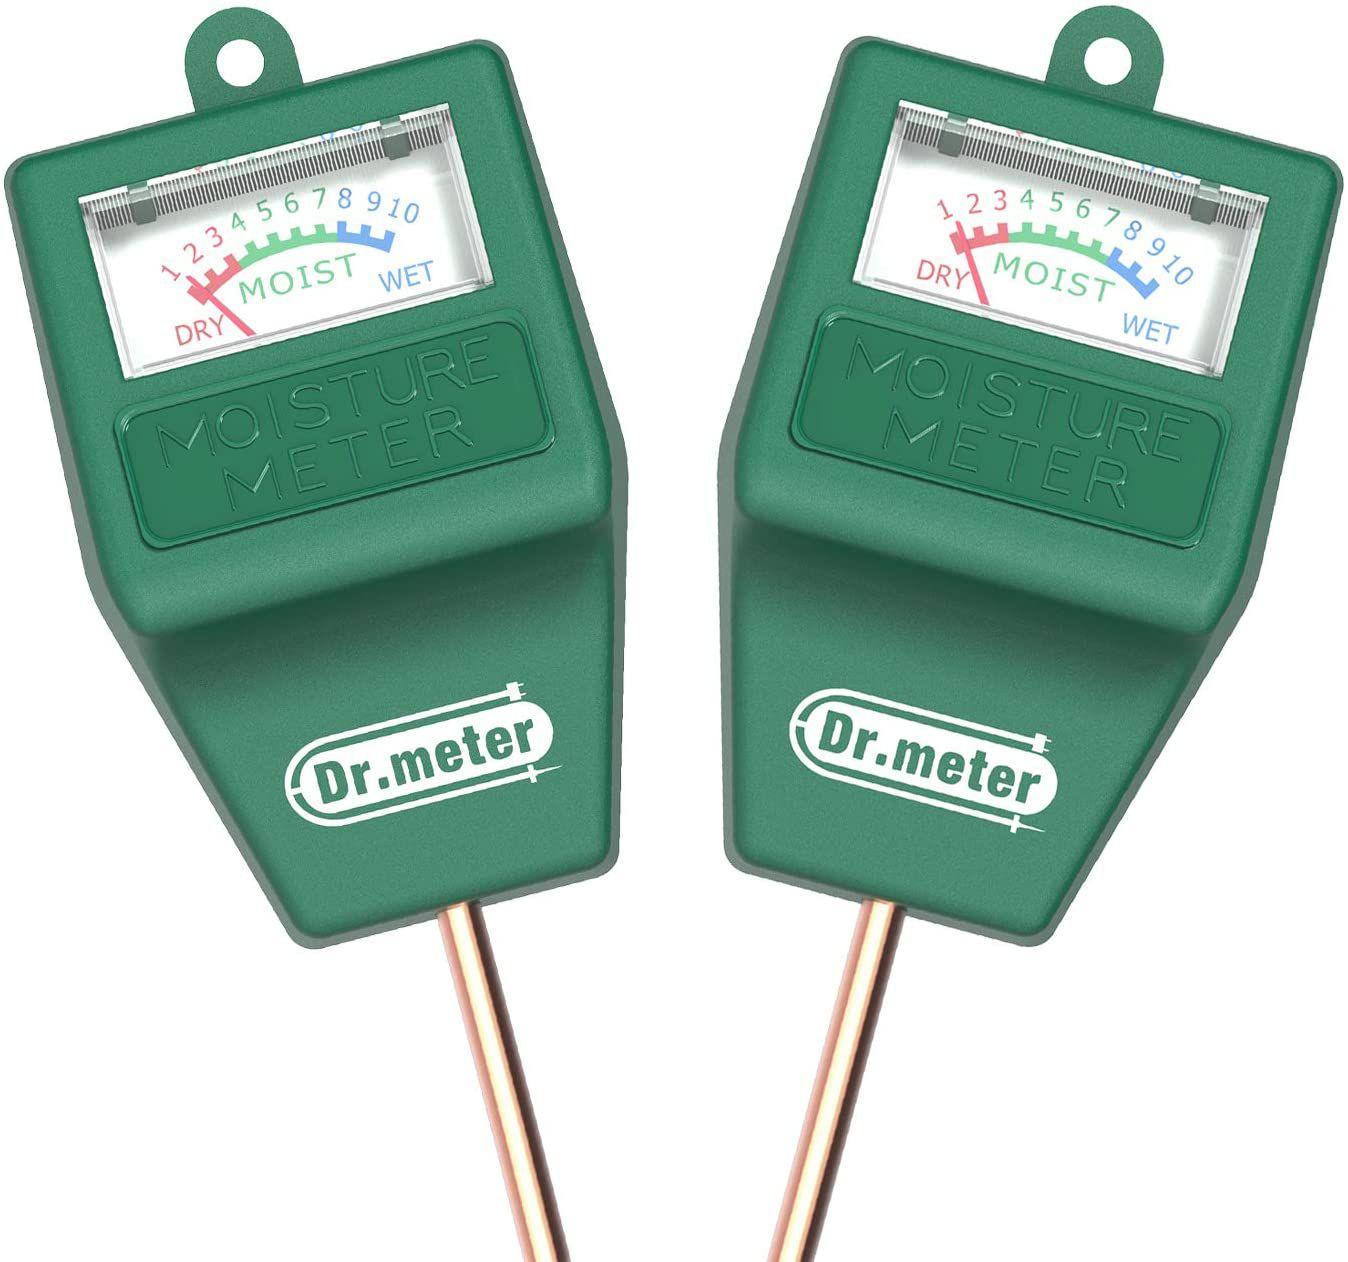 Dr. Meter Soil Moisture Meter-2 Packs Soil Test Kit